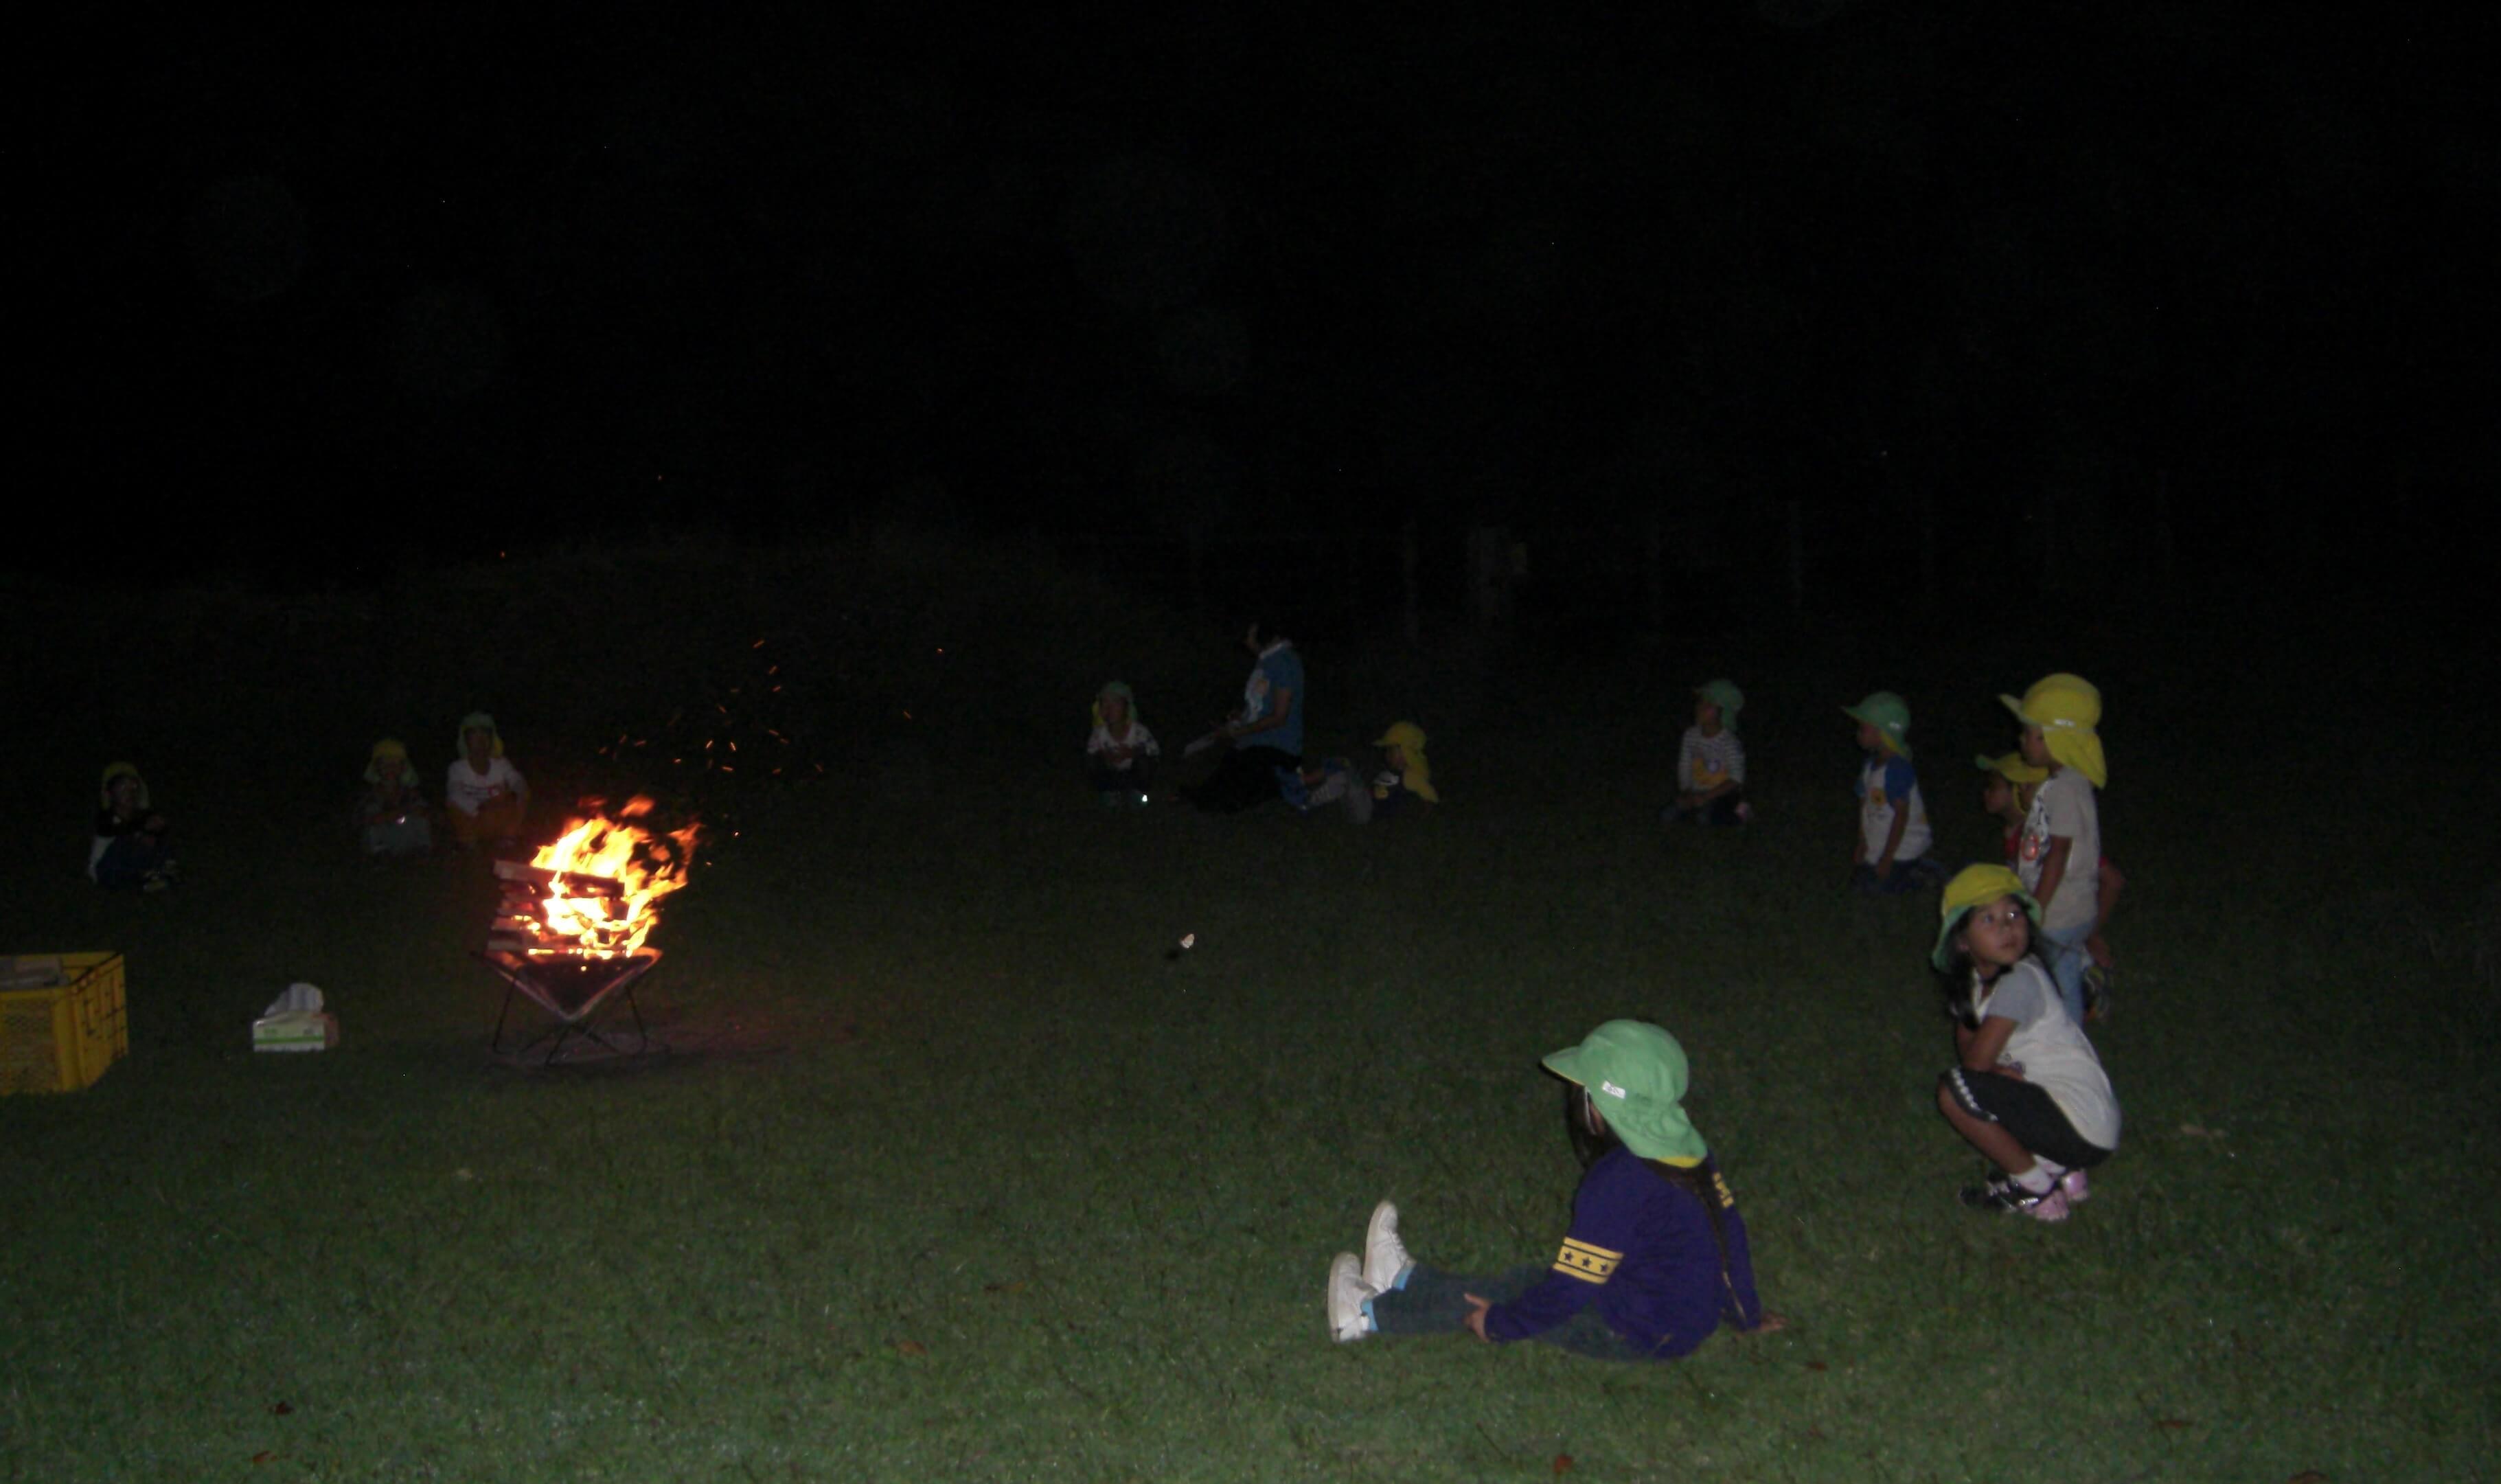 キャンプファイヤーでは真っ暗な中で火の神秘を感じて。